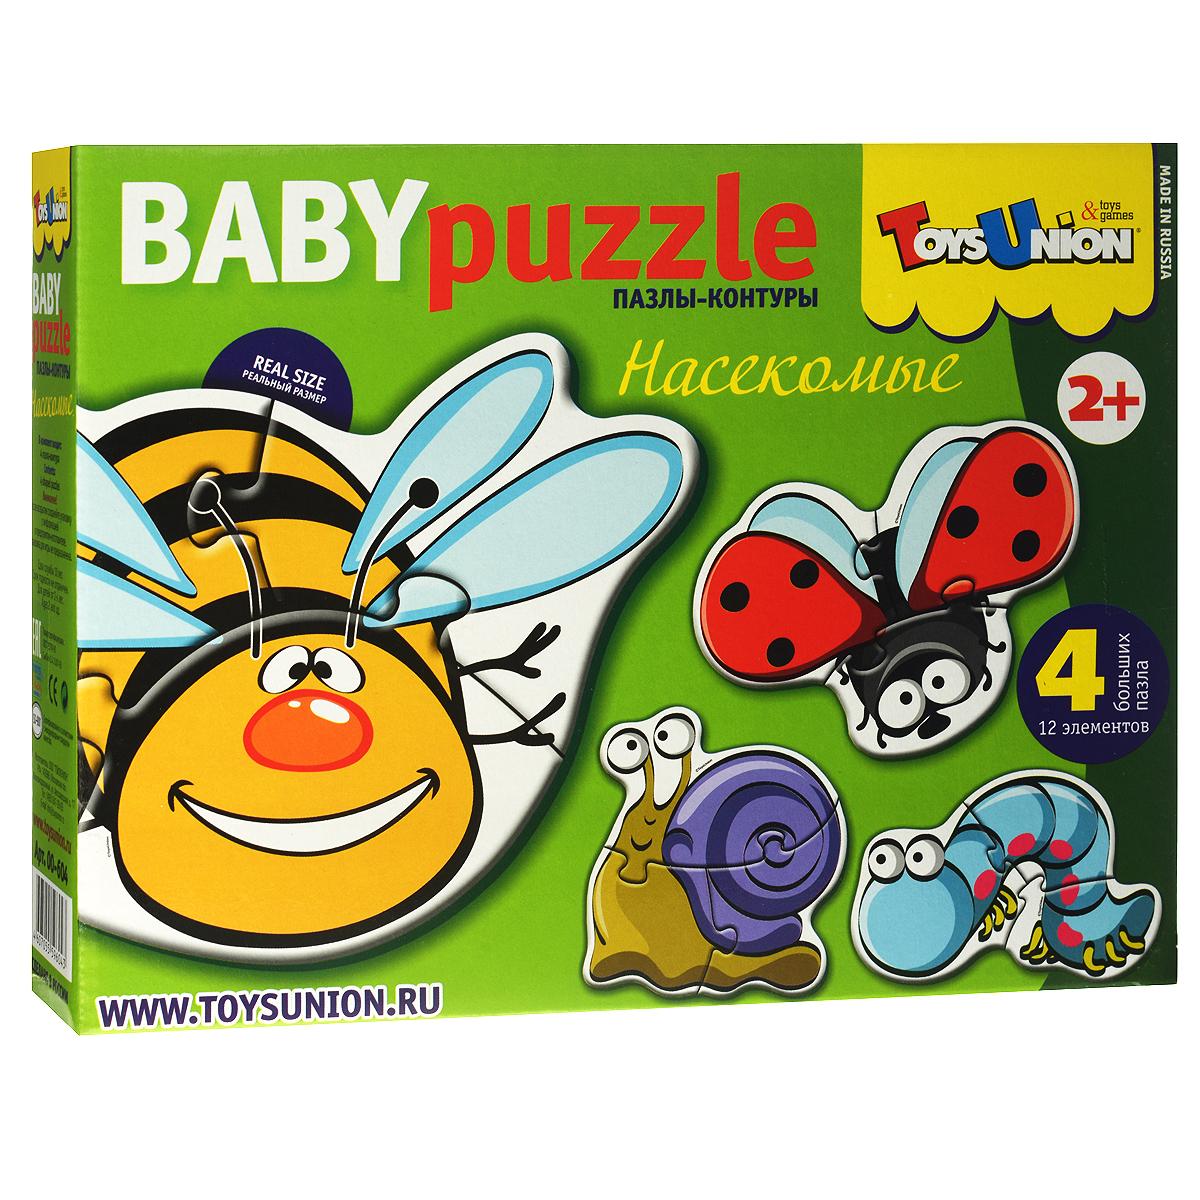 Пазл ToysUnion Насекомые, фигурный, 4 в 1тю00-604Пазлы-контуры ToysUnion Насекомые - это увлекательная игра-головоломка, помогающая развивать у ребенка воображение, пространственное восприятие, память. Пазлы предназначены специально для маленьких детей. Малышу будет удобно брать крупные элементы в руки и самостоятельно собирать картинки. В комплект входит 12 картонных элементов, из которых можно собрать 4 картинки в виде насекомых. Процесс собирания пазлов способствует развитию не только образного, но и логического мышления, произвольного внимания, восприятия. В частности, различению отдельных элементов по цвету, форме, размеру и т. д. Процесс собирания пазлов учит правильно воспринимать связь между частью и целым. Веселые и добрые картинки, крупные детали, выполненные из высококачественного и экологически чистого материала, доставят вашему ребенку радость и помогут познать окружающий мир.